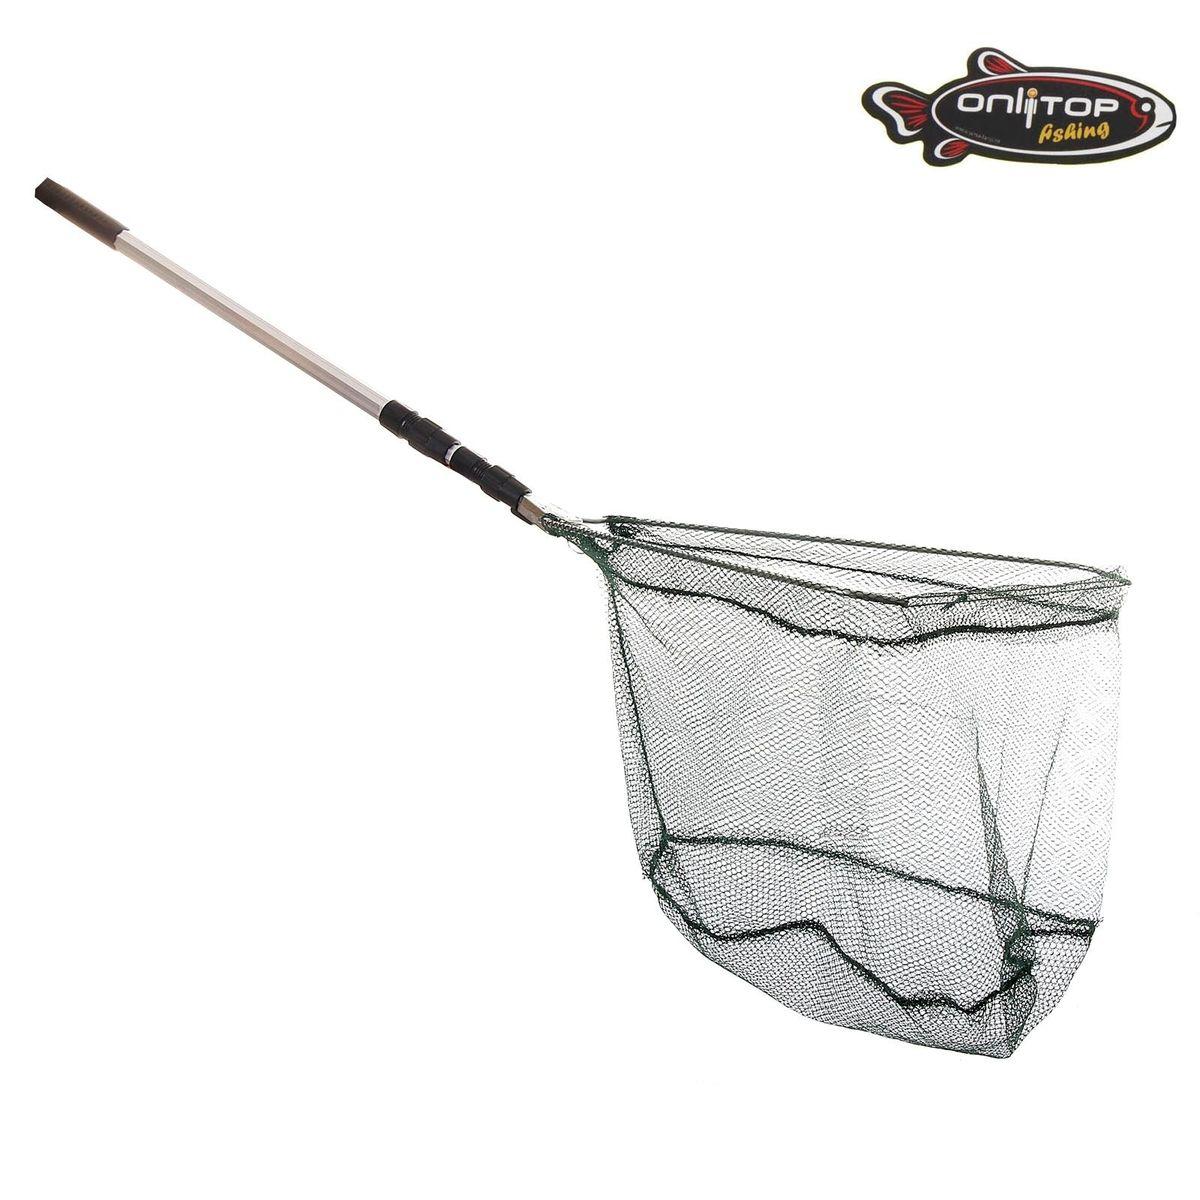 Подсачник рыболовный Onlitop, складной, диаметр 50 см, длина ручки 1,3 м